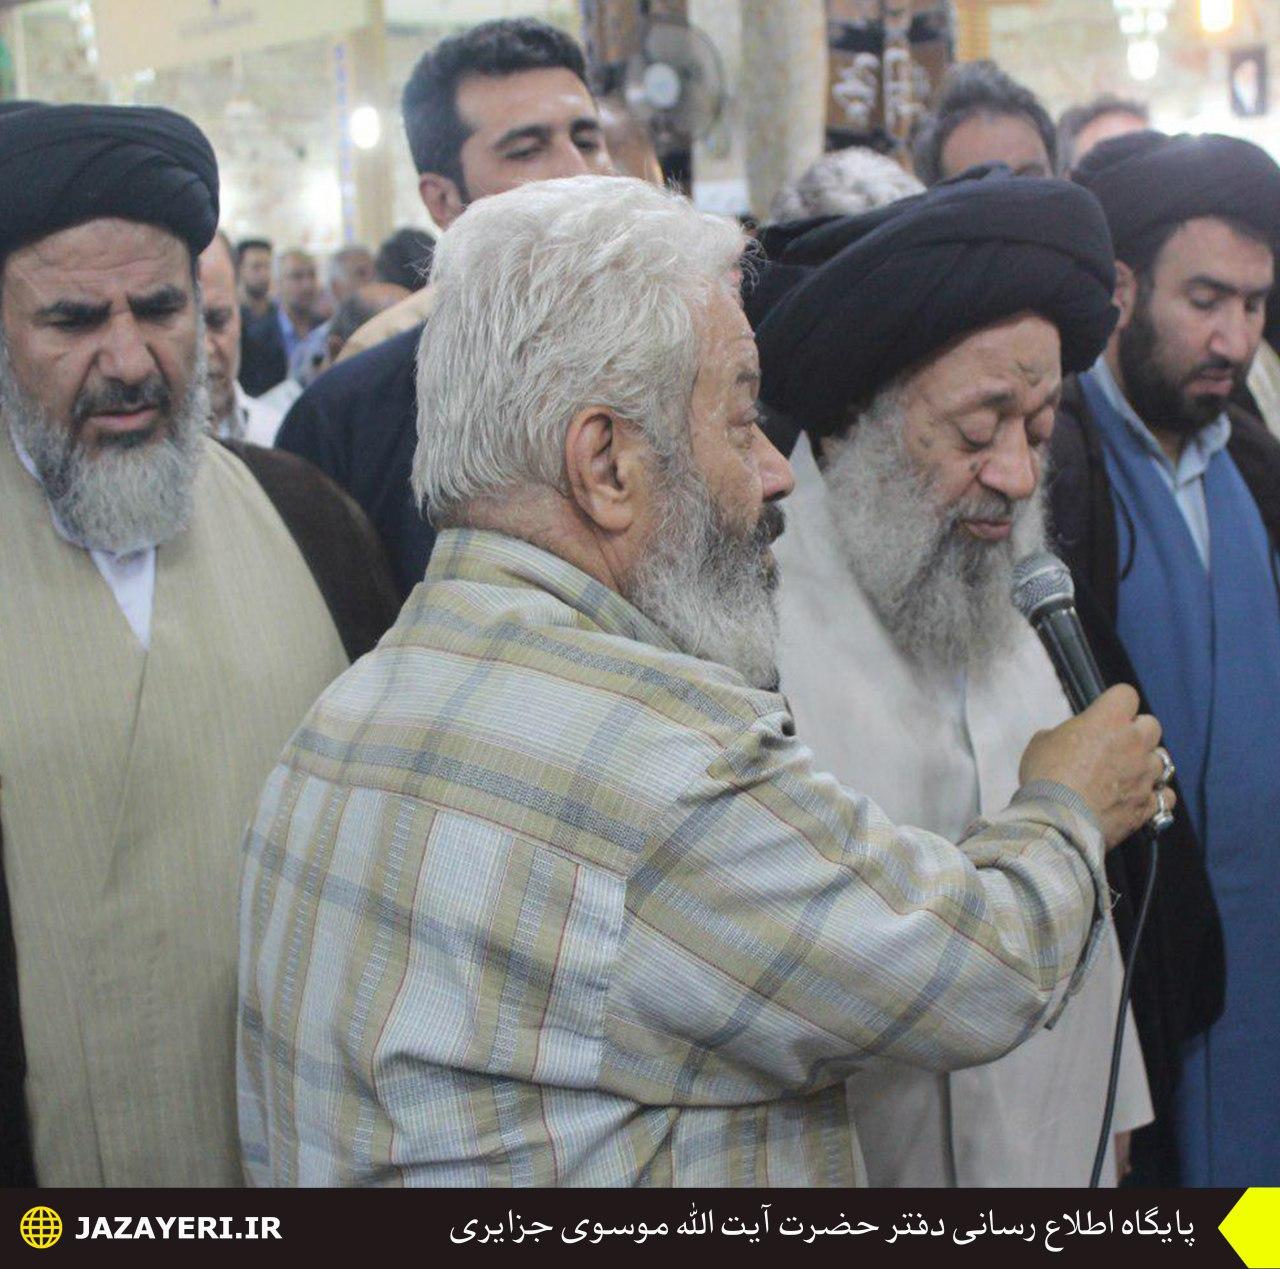 بیانات در تشییع پیکر سرهنگ سیدجبار موسوی